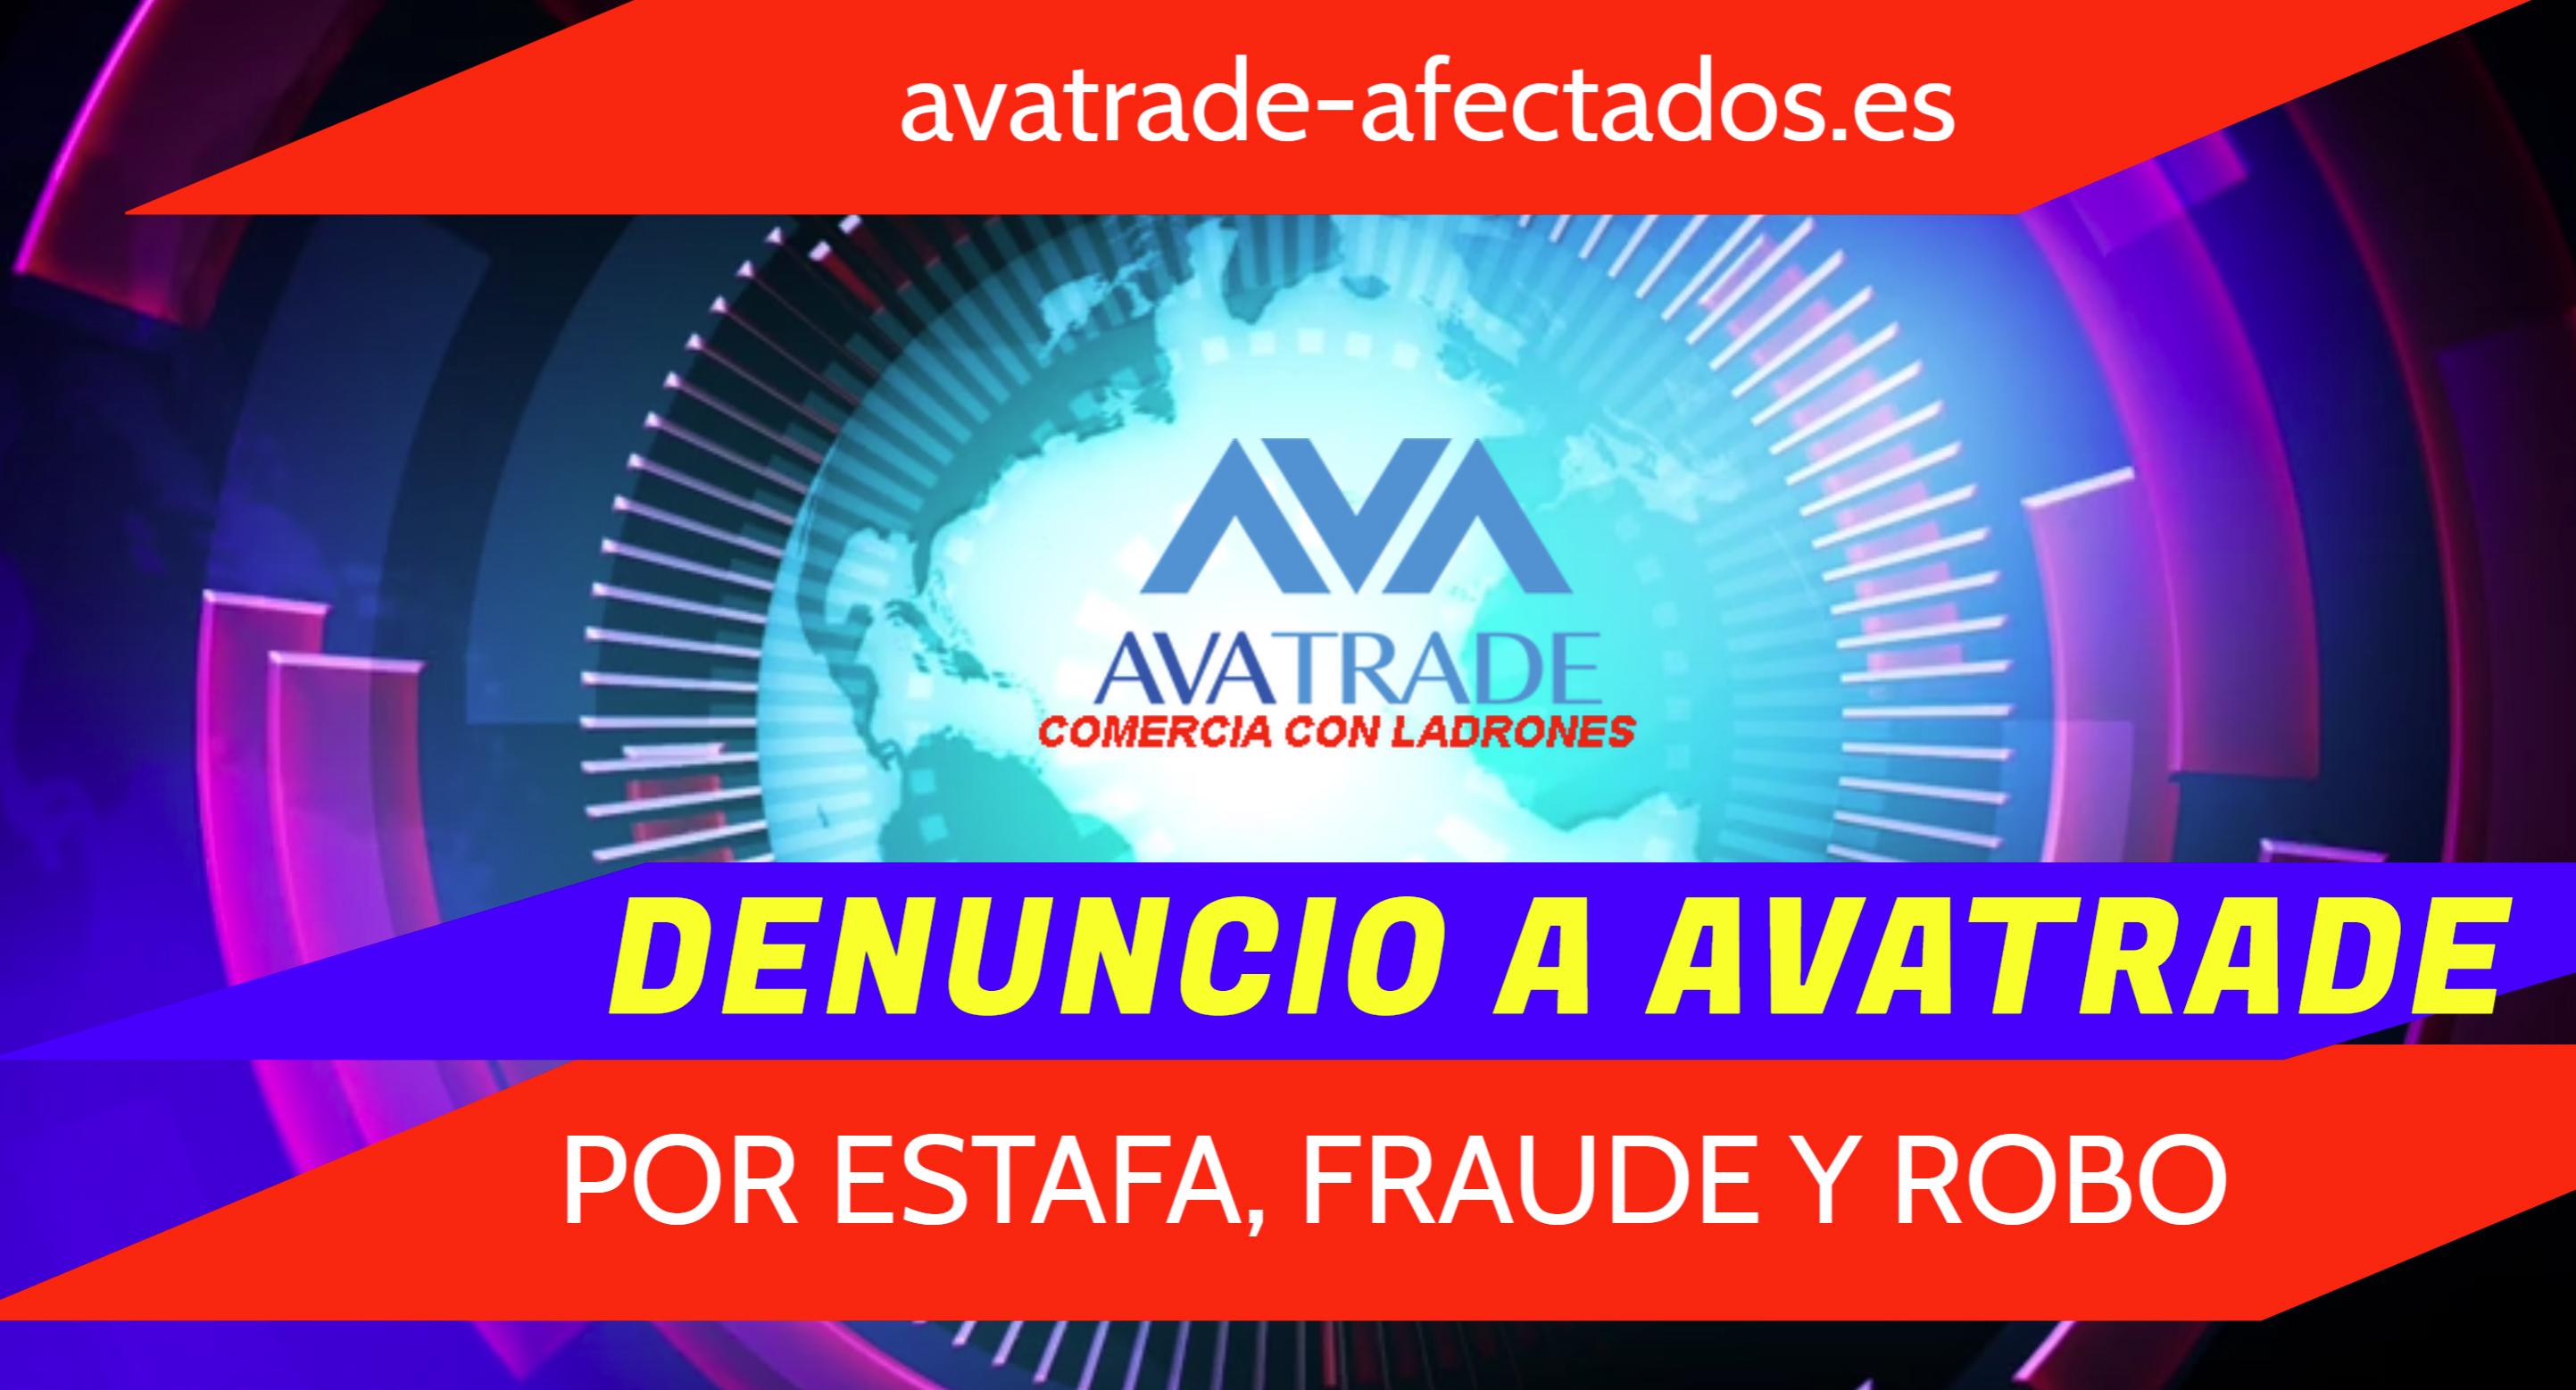 DENUNCIO A AVATRADE POR ESTAFA, FRAUDE Y ROBO